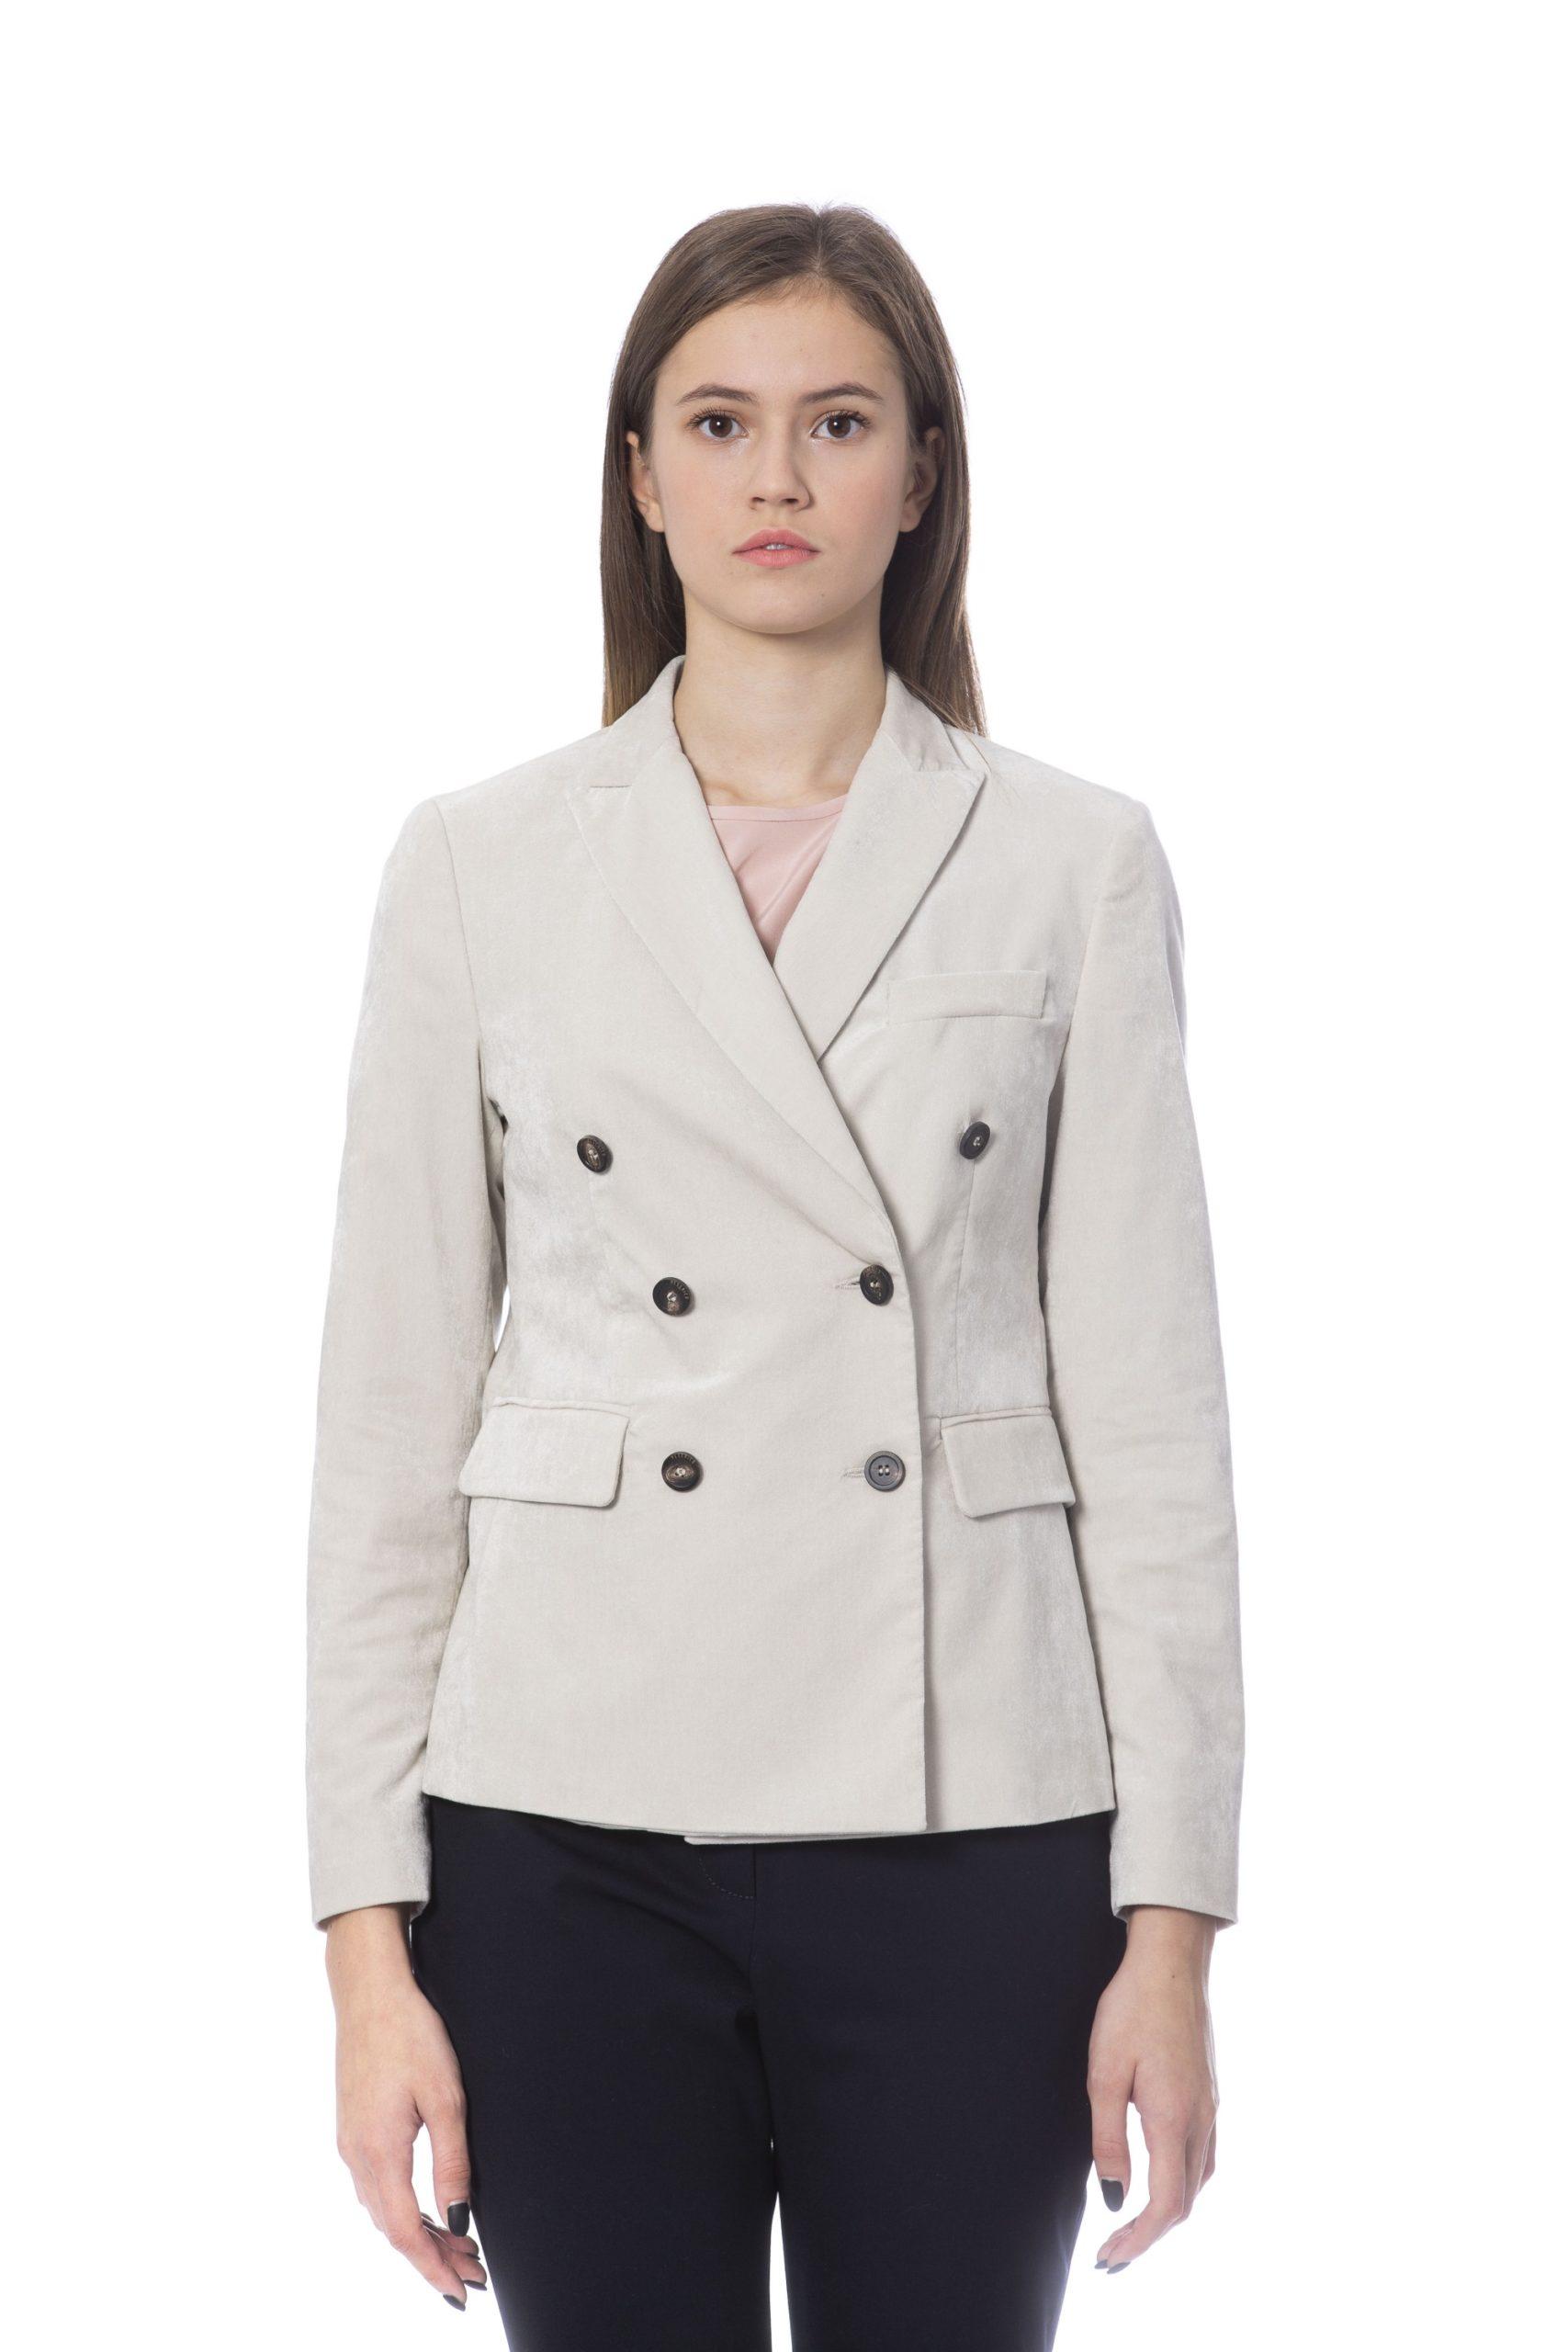 Peserico Women's Jackets Beige PE854416 - IT42   S